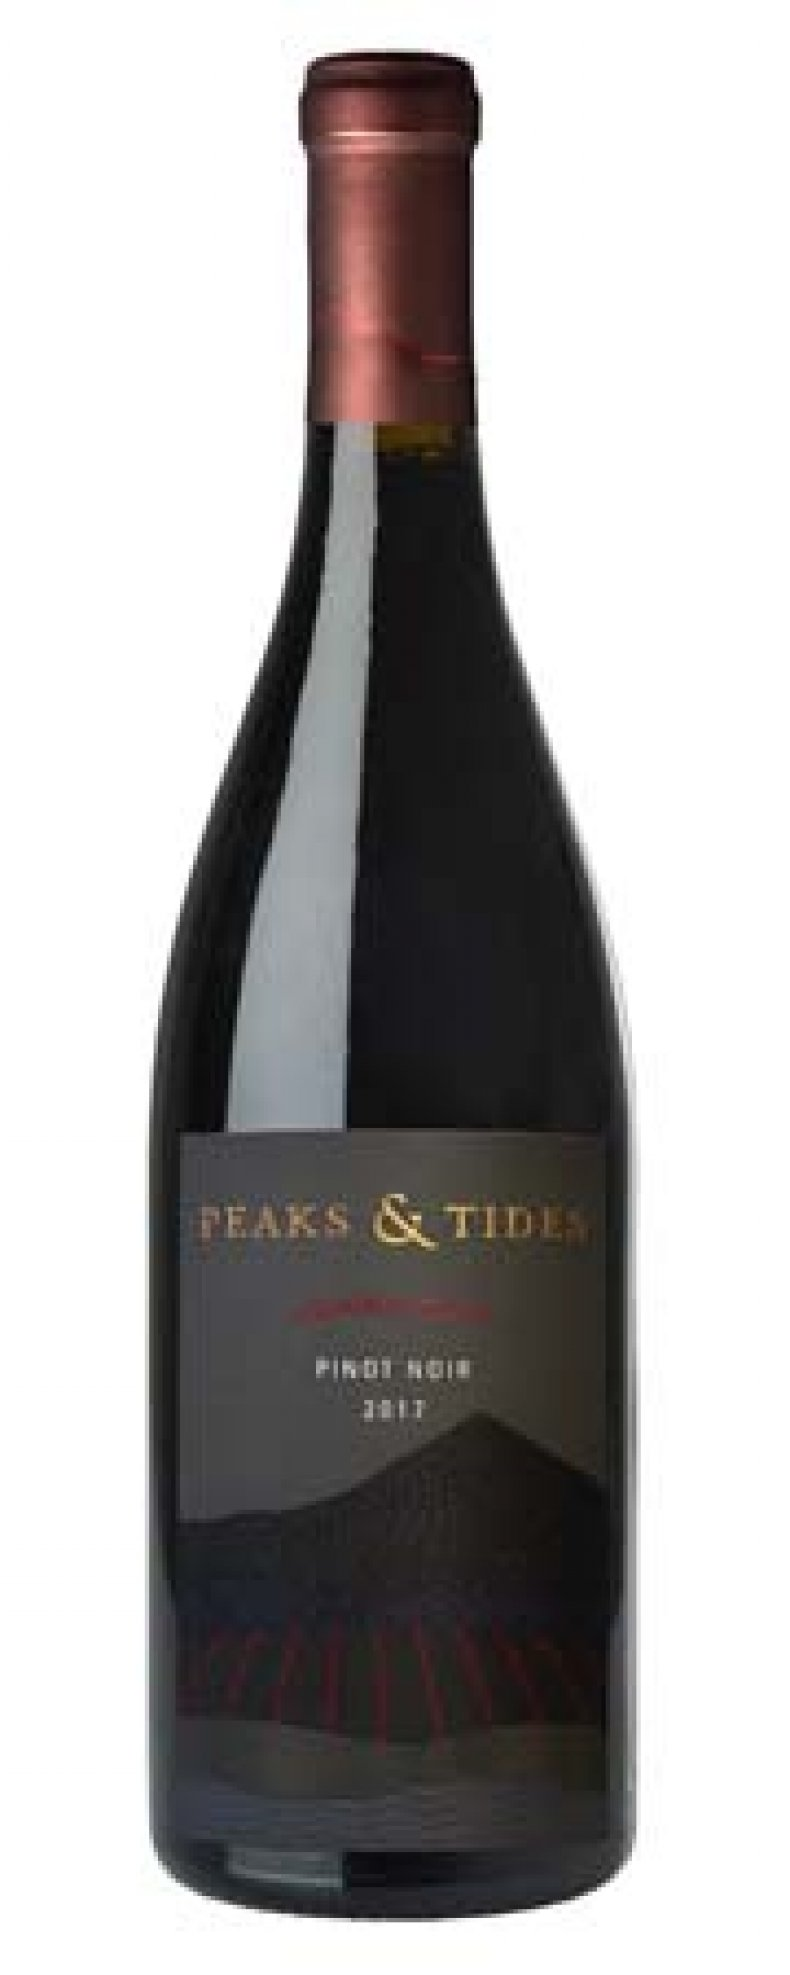 Peaks and Tides Chardonnay 2017